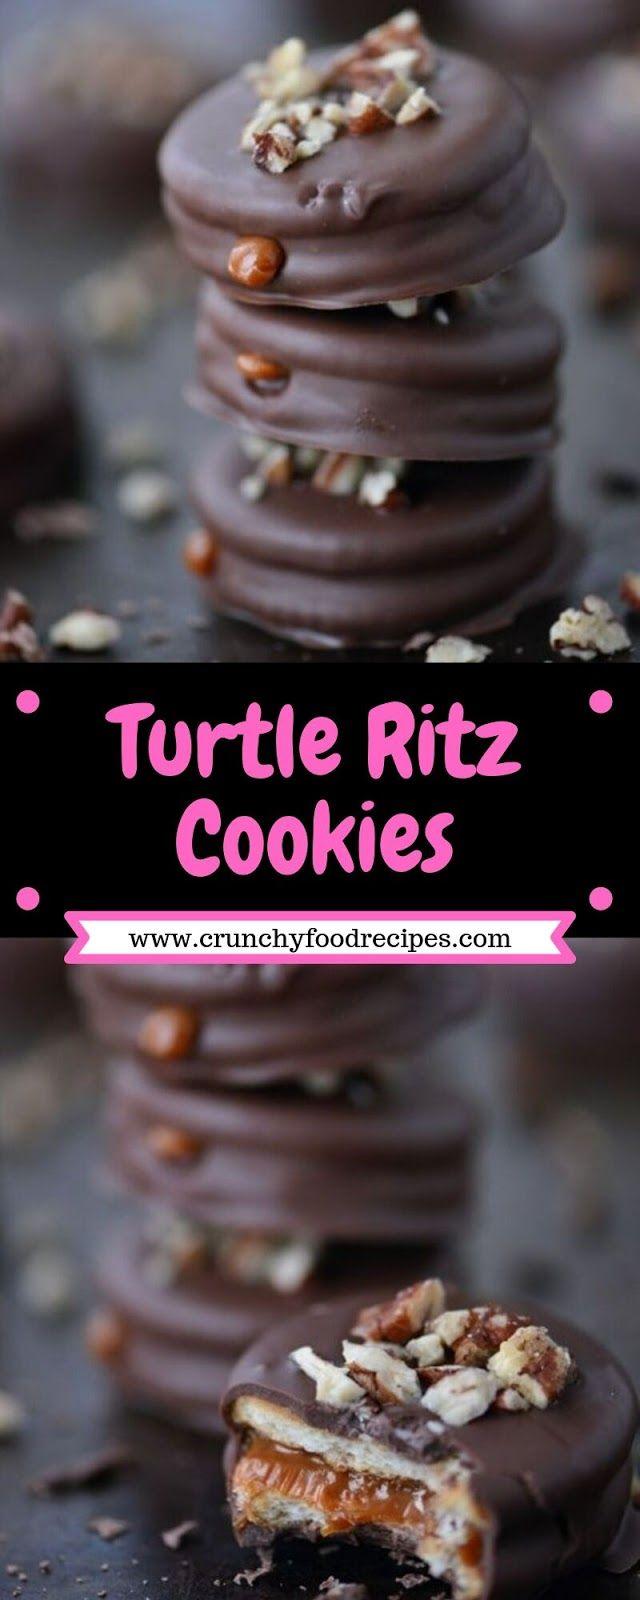 Turtle Ritz Cookies